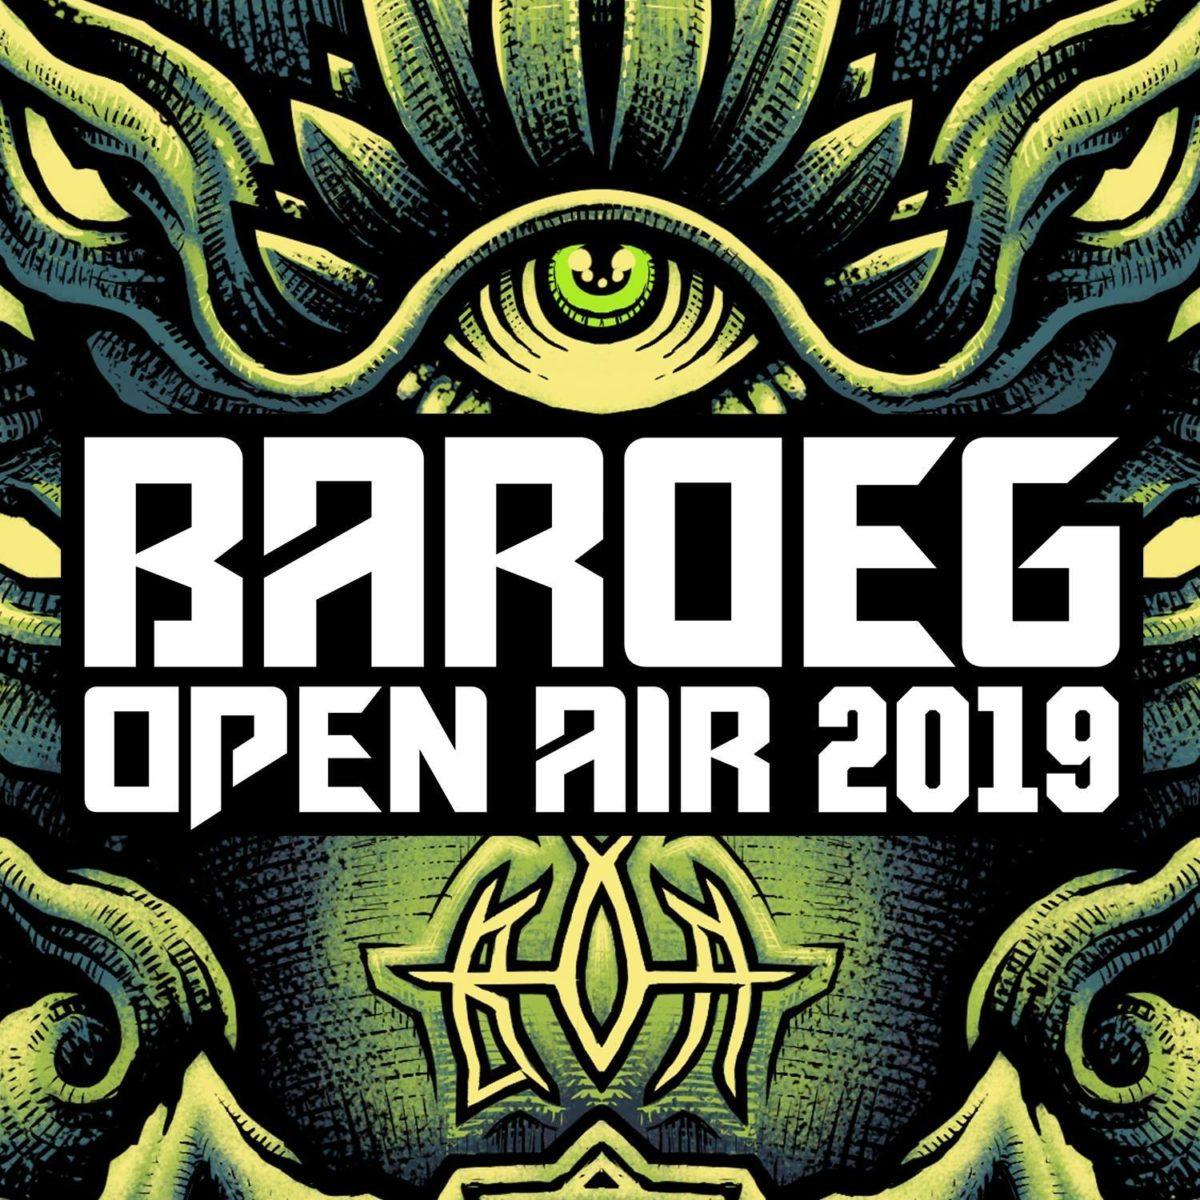 Baroeg Open Air 2019